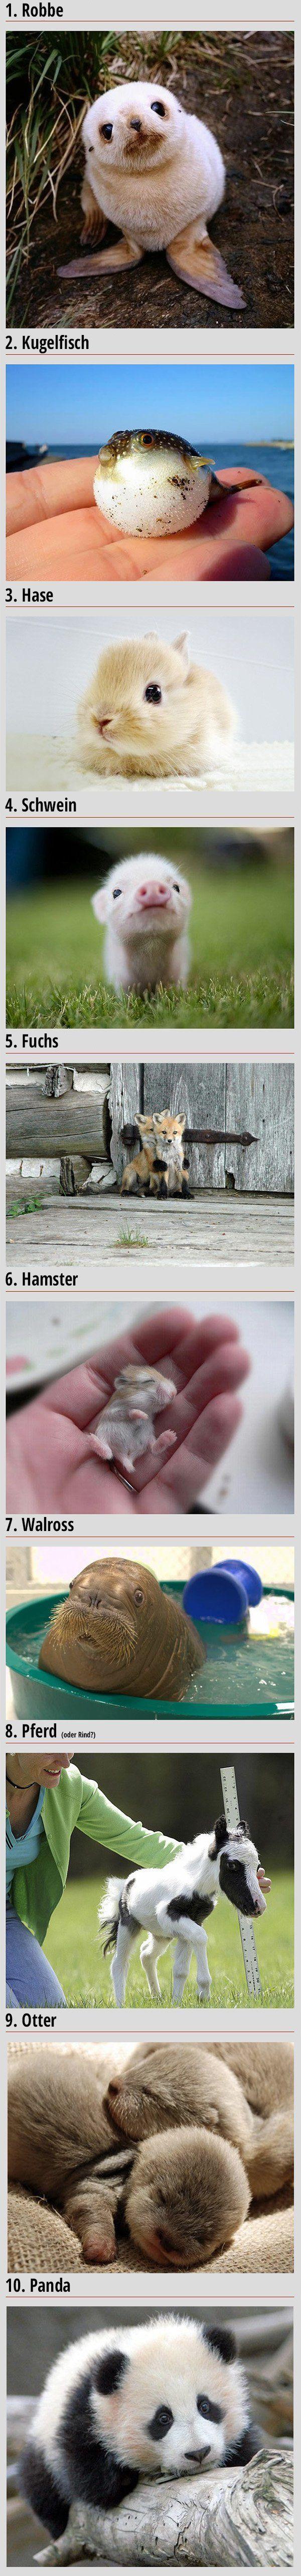 Die süßesten Tierbabys der Welt, Teil 2 – Cuteness Overload Bild | Webfail – F… – Veronika W